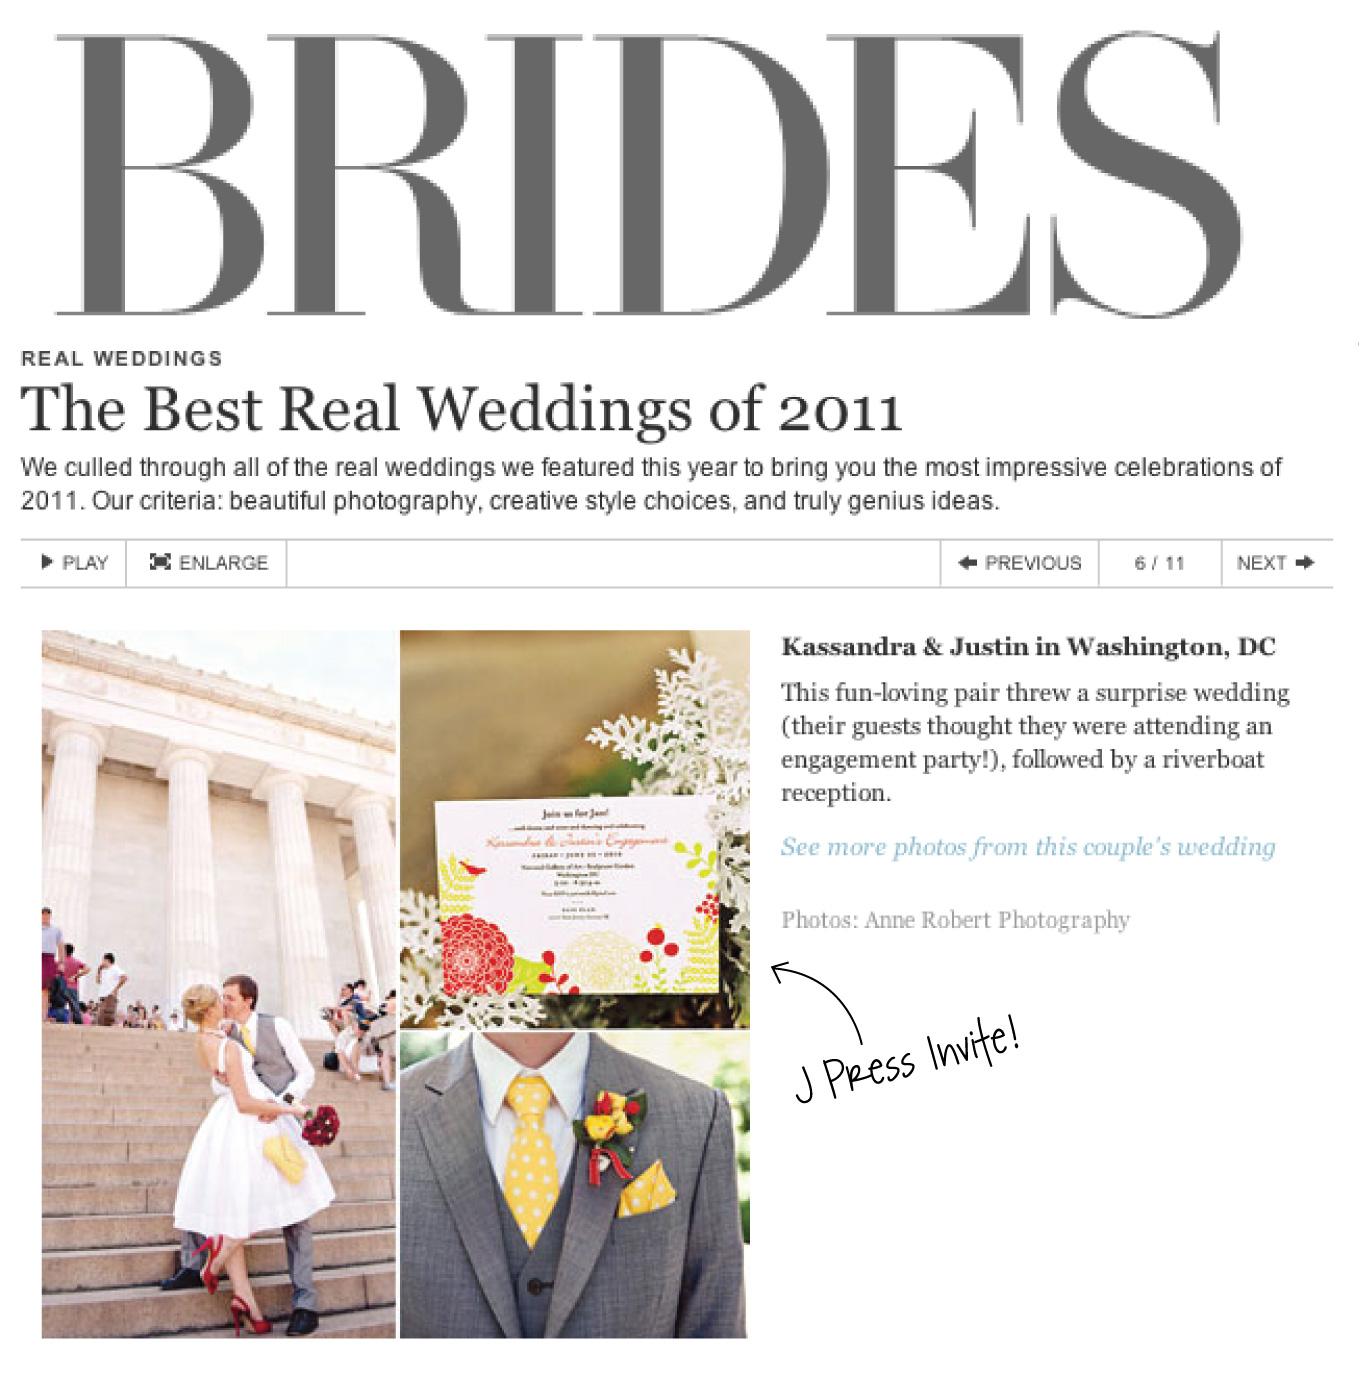 JPress Designs: Featured in Brides!